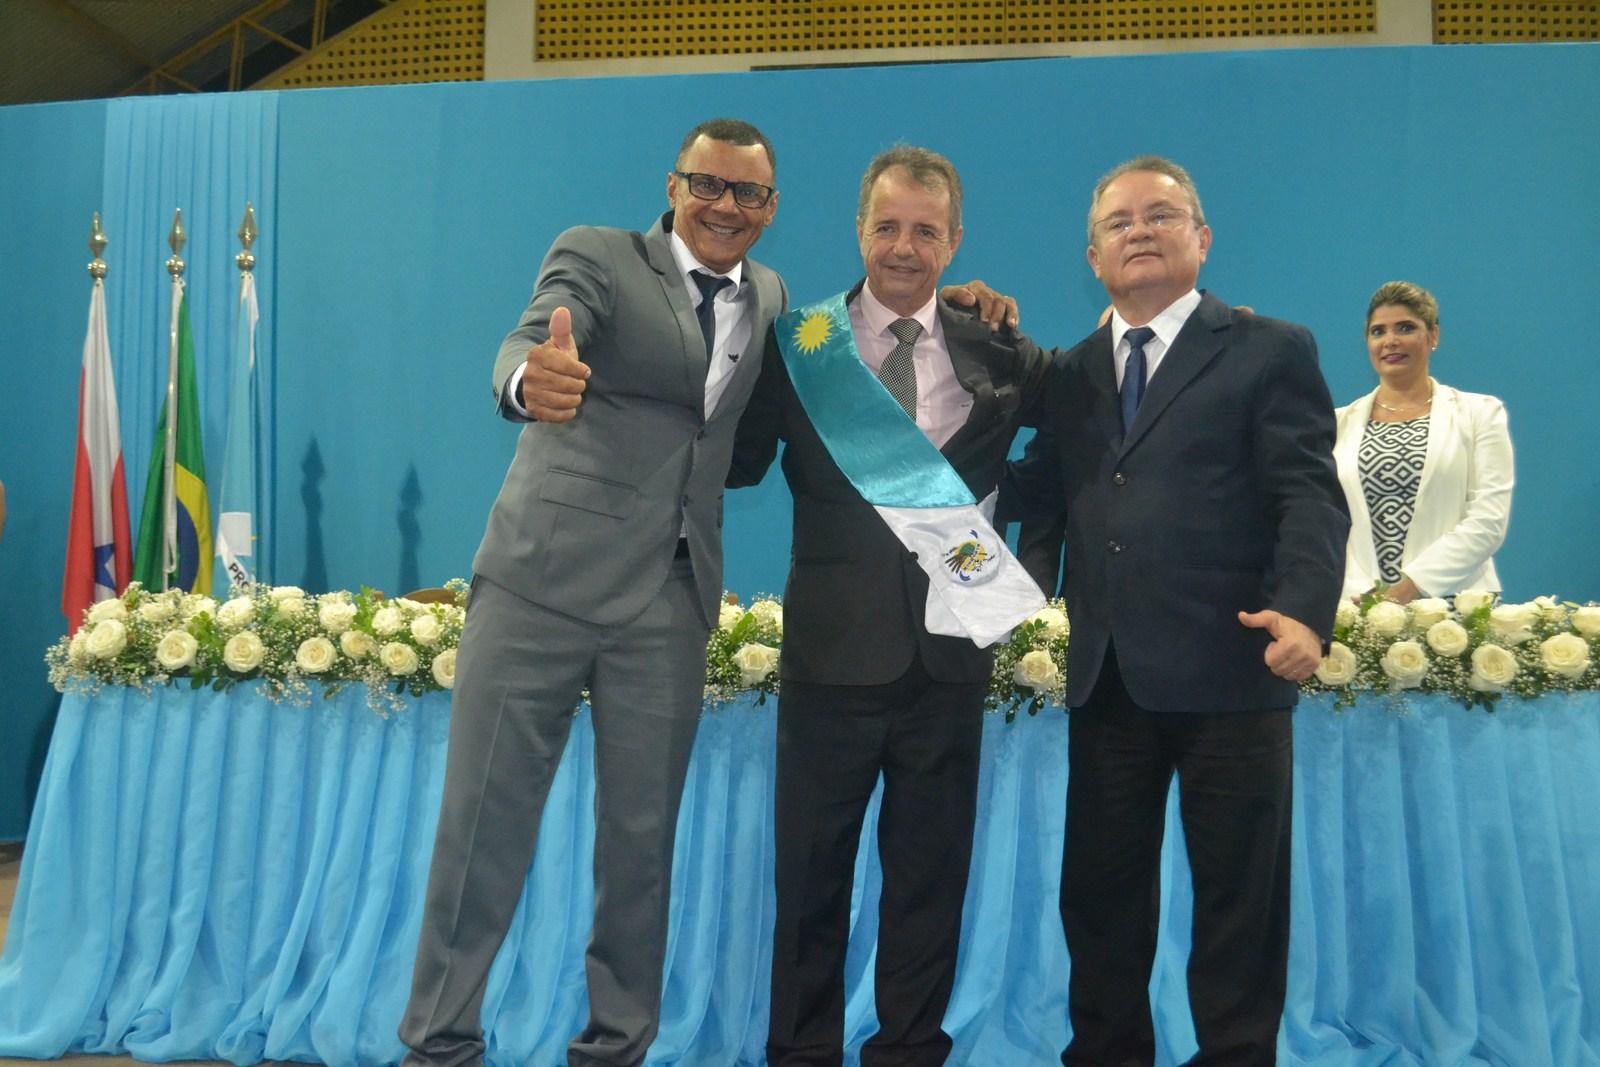 Foto de Prefeito, vice-prefeito e os 13 vereadores eleitos no Município de Xinguara foram empossados